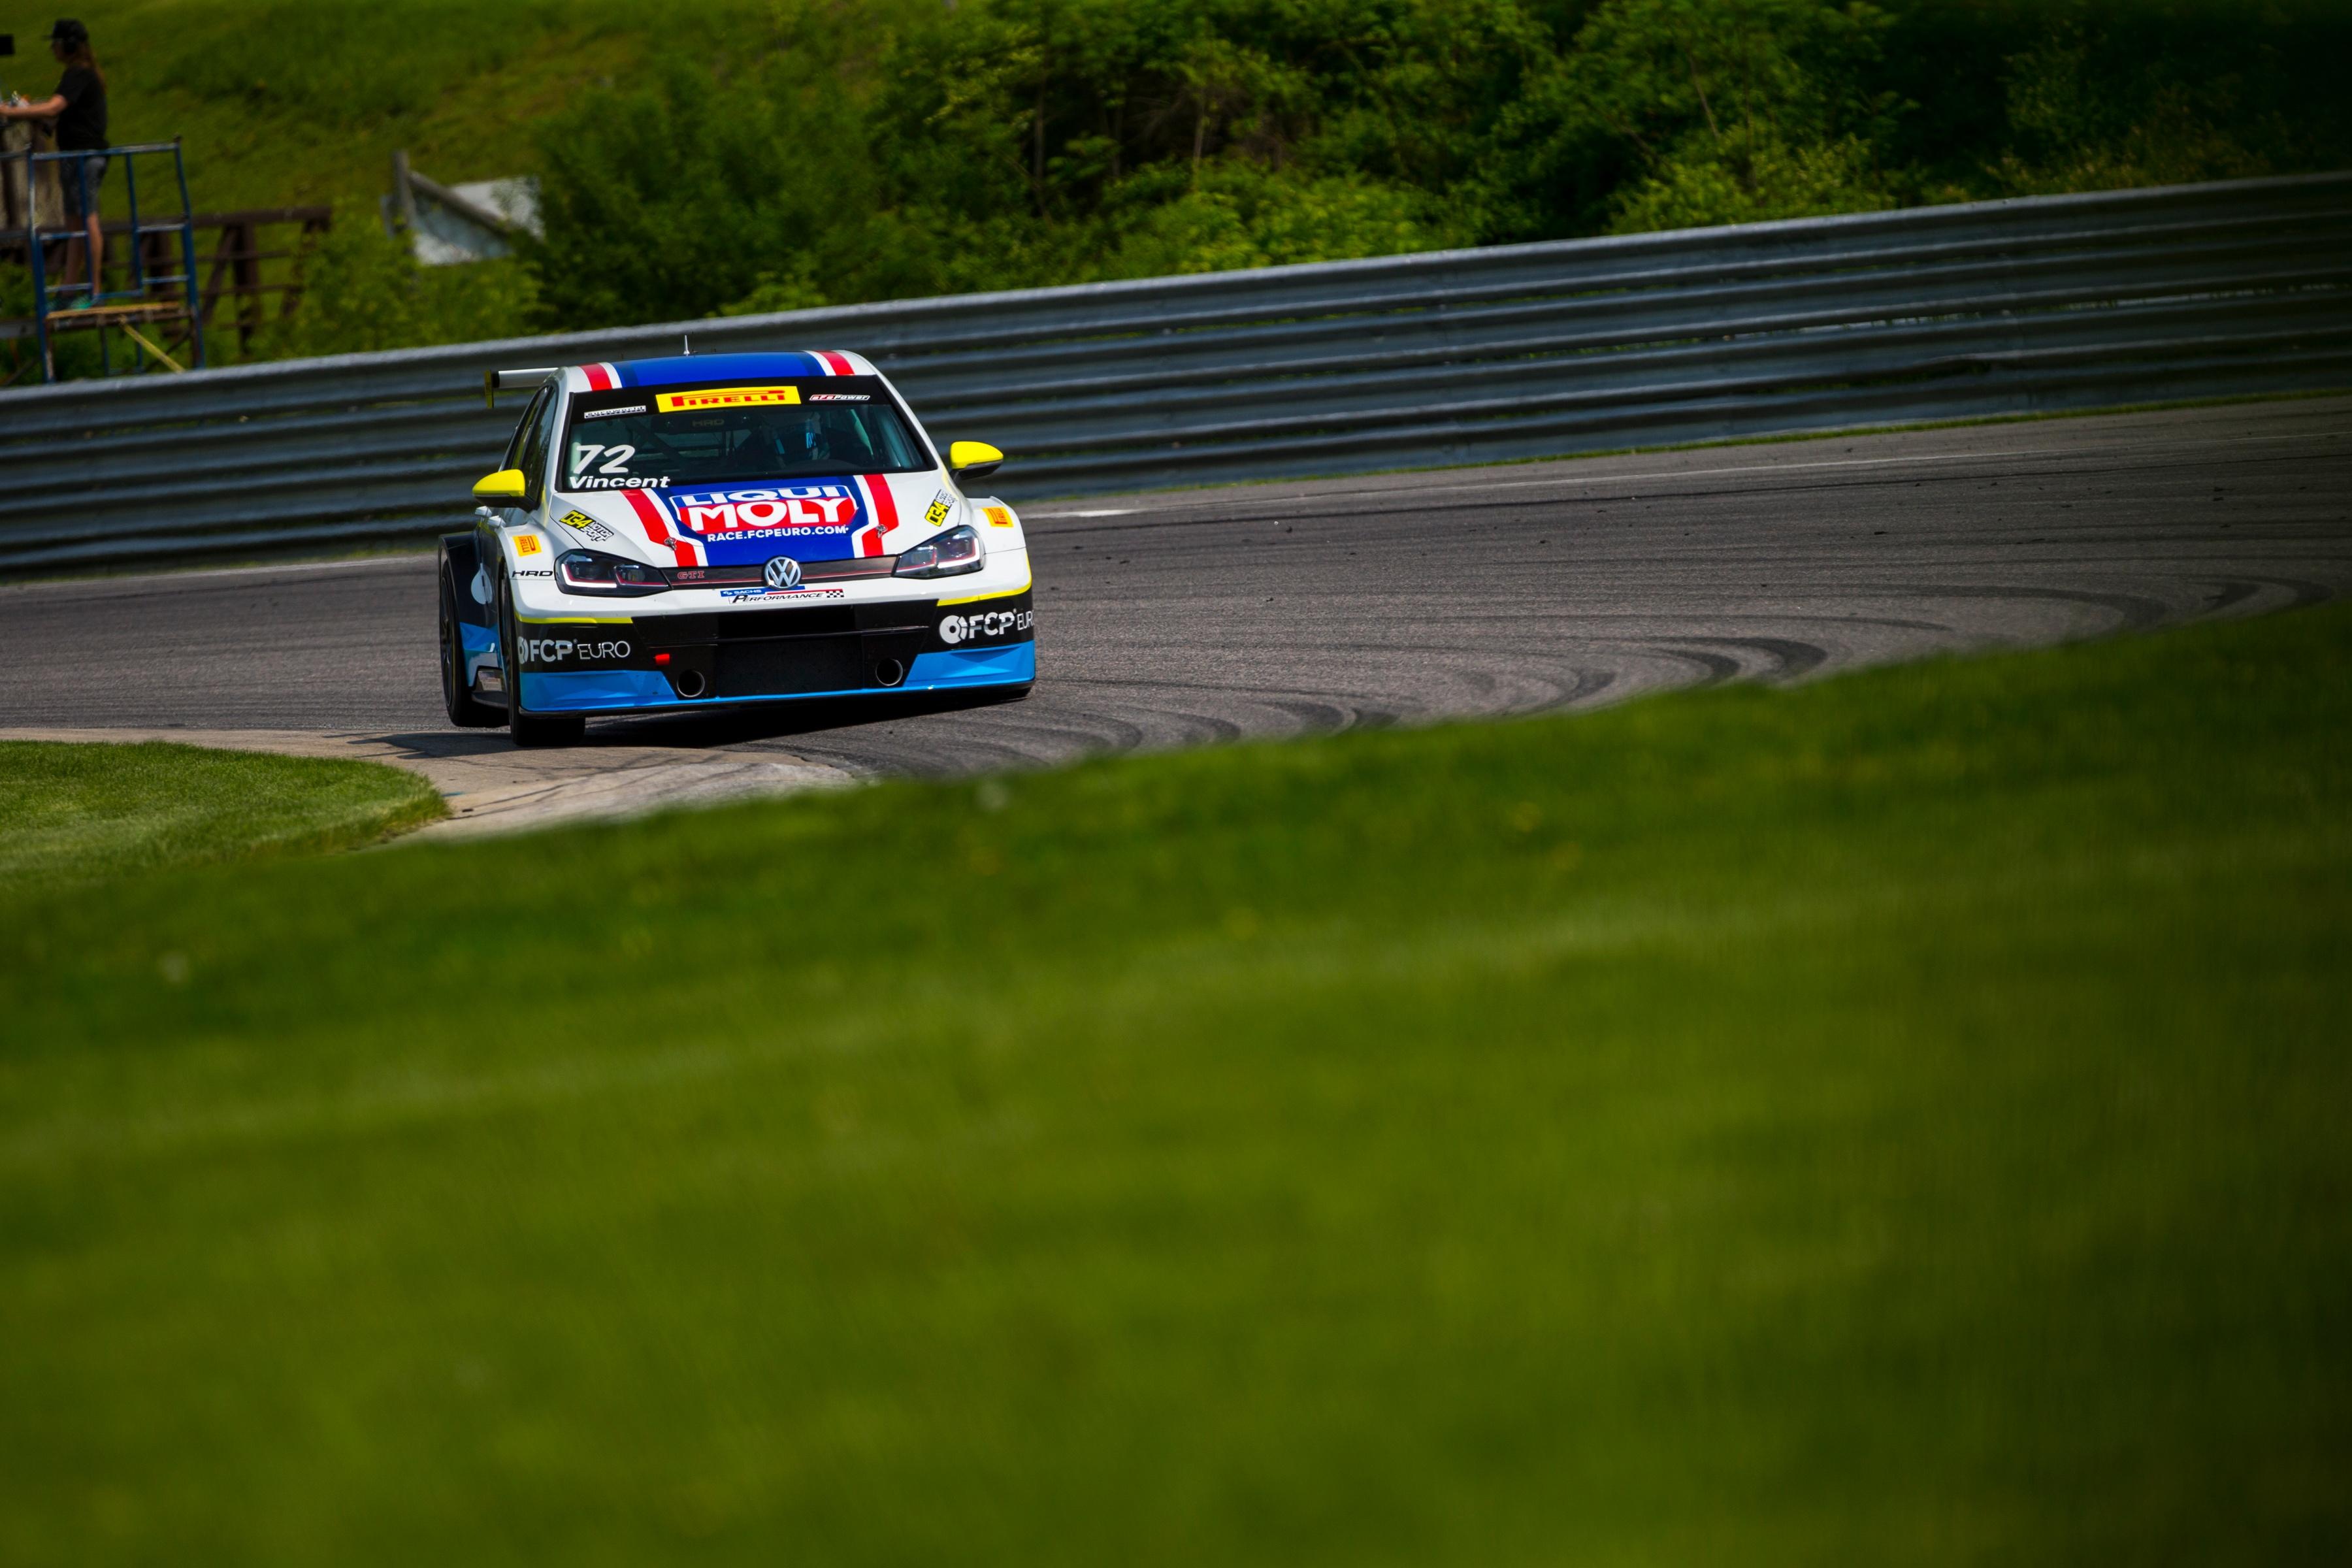 2018-Volkswagen-GTI-TCR-LRP